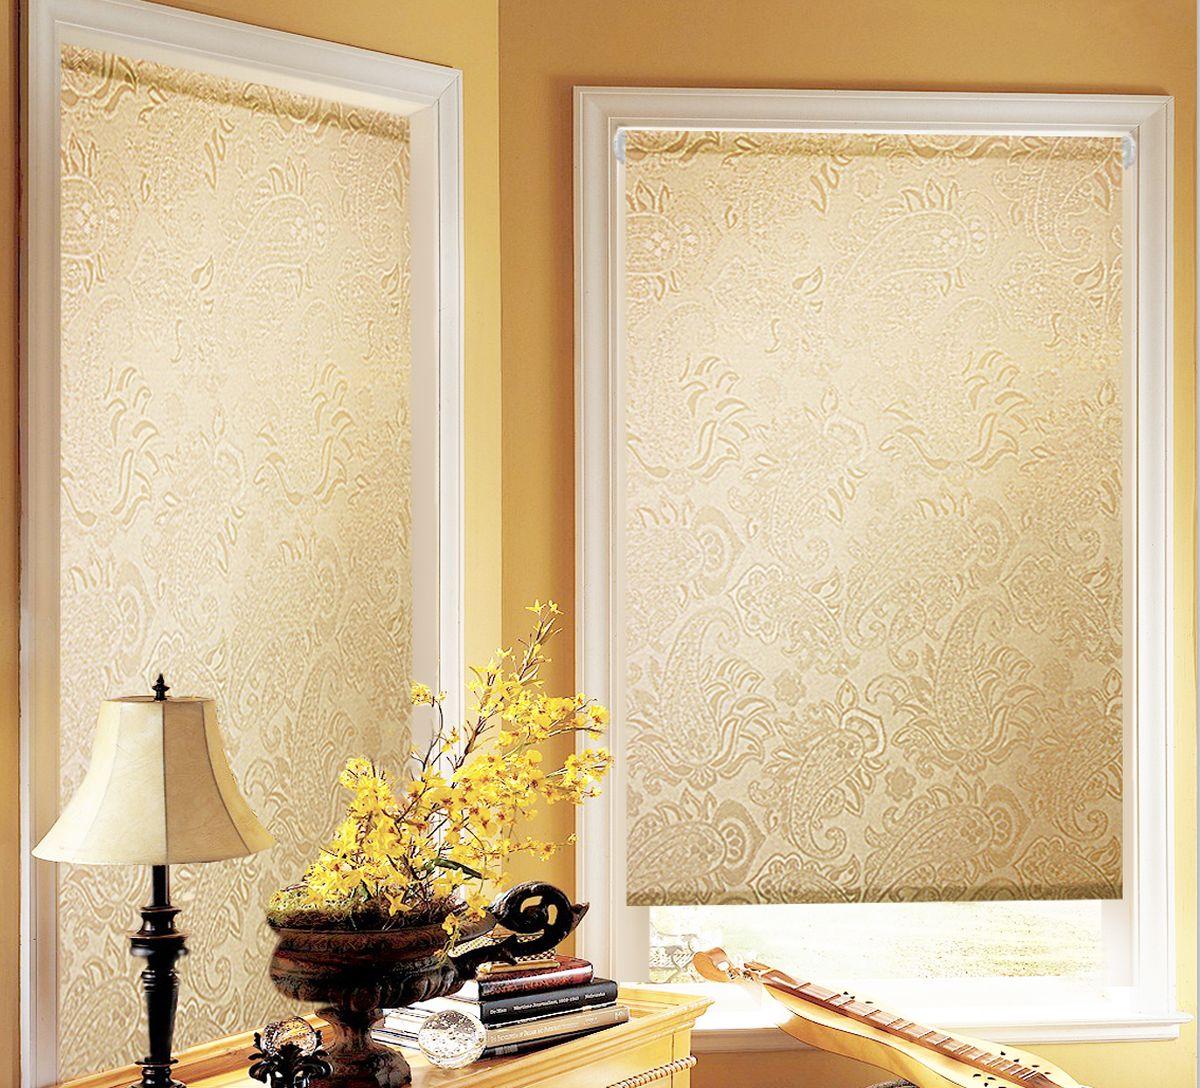 Штора рулонная для балконной двери Эскар Миниролло. Арабеска, фактурная, цвет: капучино, ширина 52 см, высота 215 см38930052215Рулонная штора Эскар Миниролло. Арабеска выполнена из высокопрочной ткани, которая сохраняет свой размер даже при намокании. Ткань не выцветает и обладает отличной цветоустойчивостью. Миниролло - это подвид рулонных штор, который закрывает не весь оконный проем, а непосредственно само стекло. Такие шторы крепятся на раму без сверления при помощи зажимов или клейкой двухсторонней ленты. Окно остается на гарантии, благодаря монтажу без сверления. Такая штора станет прекрасным элементом декора окна и гармонично впишется в интерьер любого помещения.